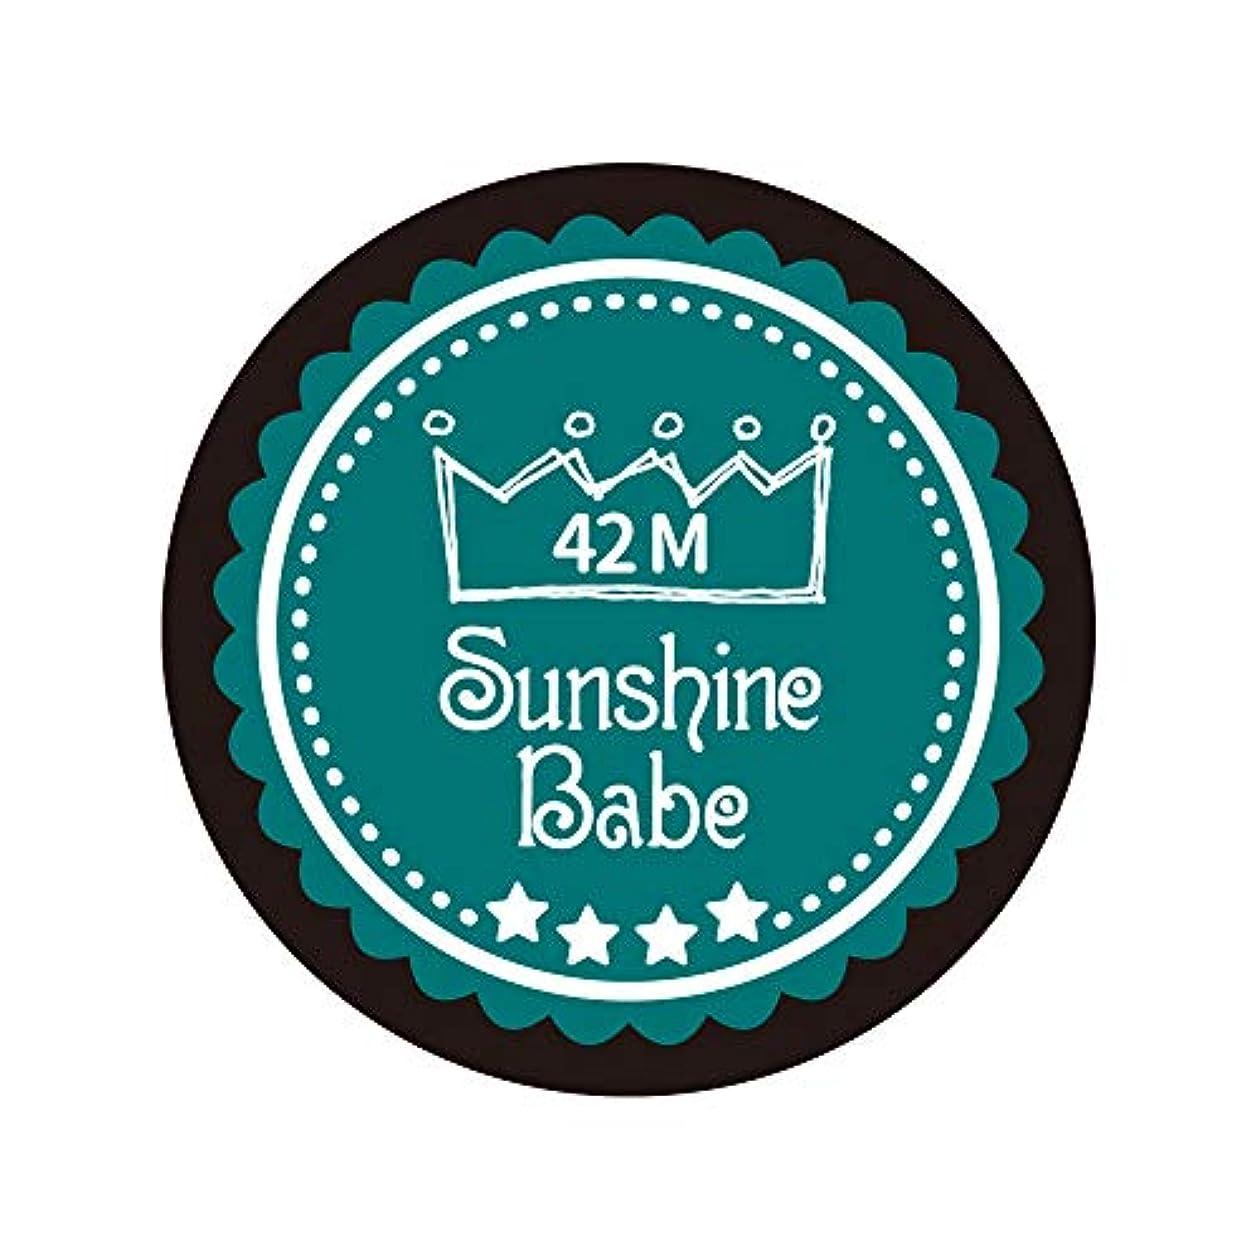 Sunshine Babe カラージェル 42M ケツァールグリーン 2.7g UV/LED対応